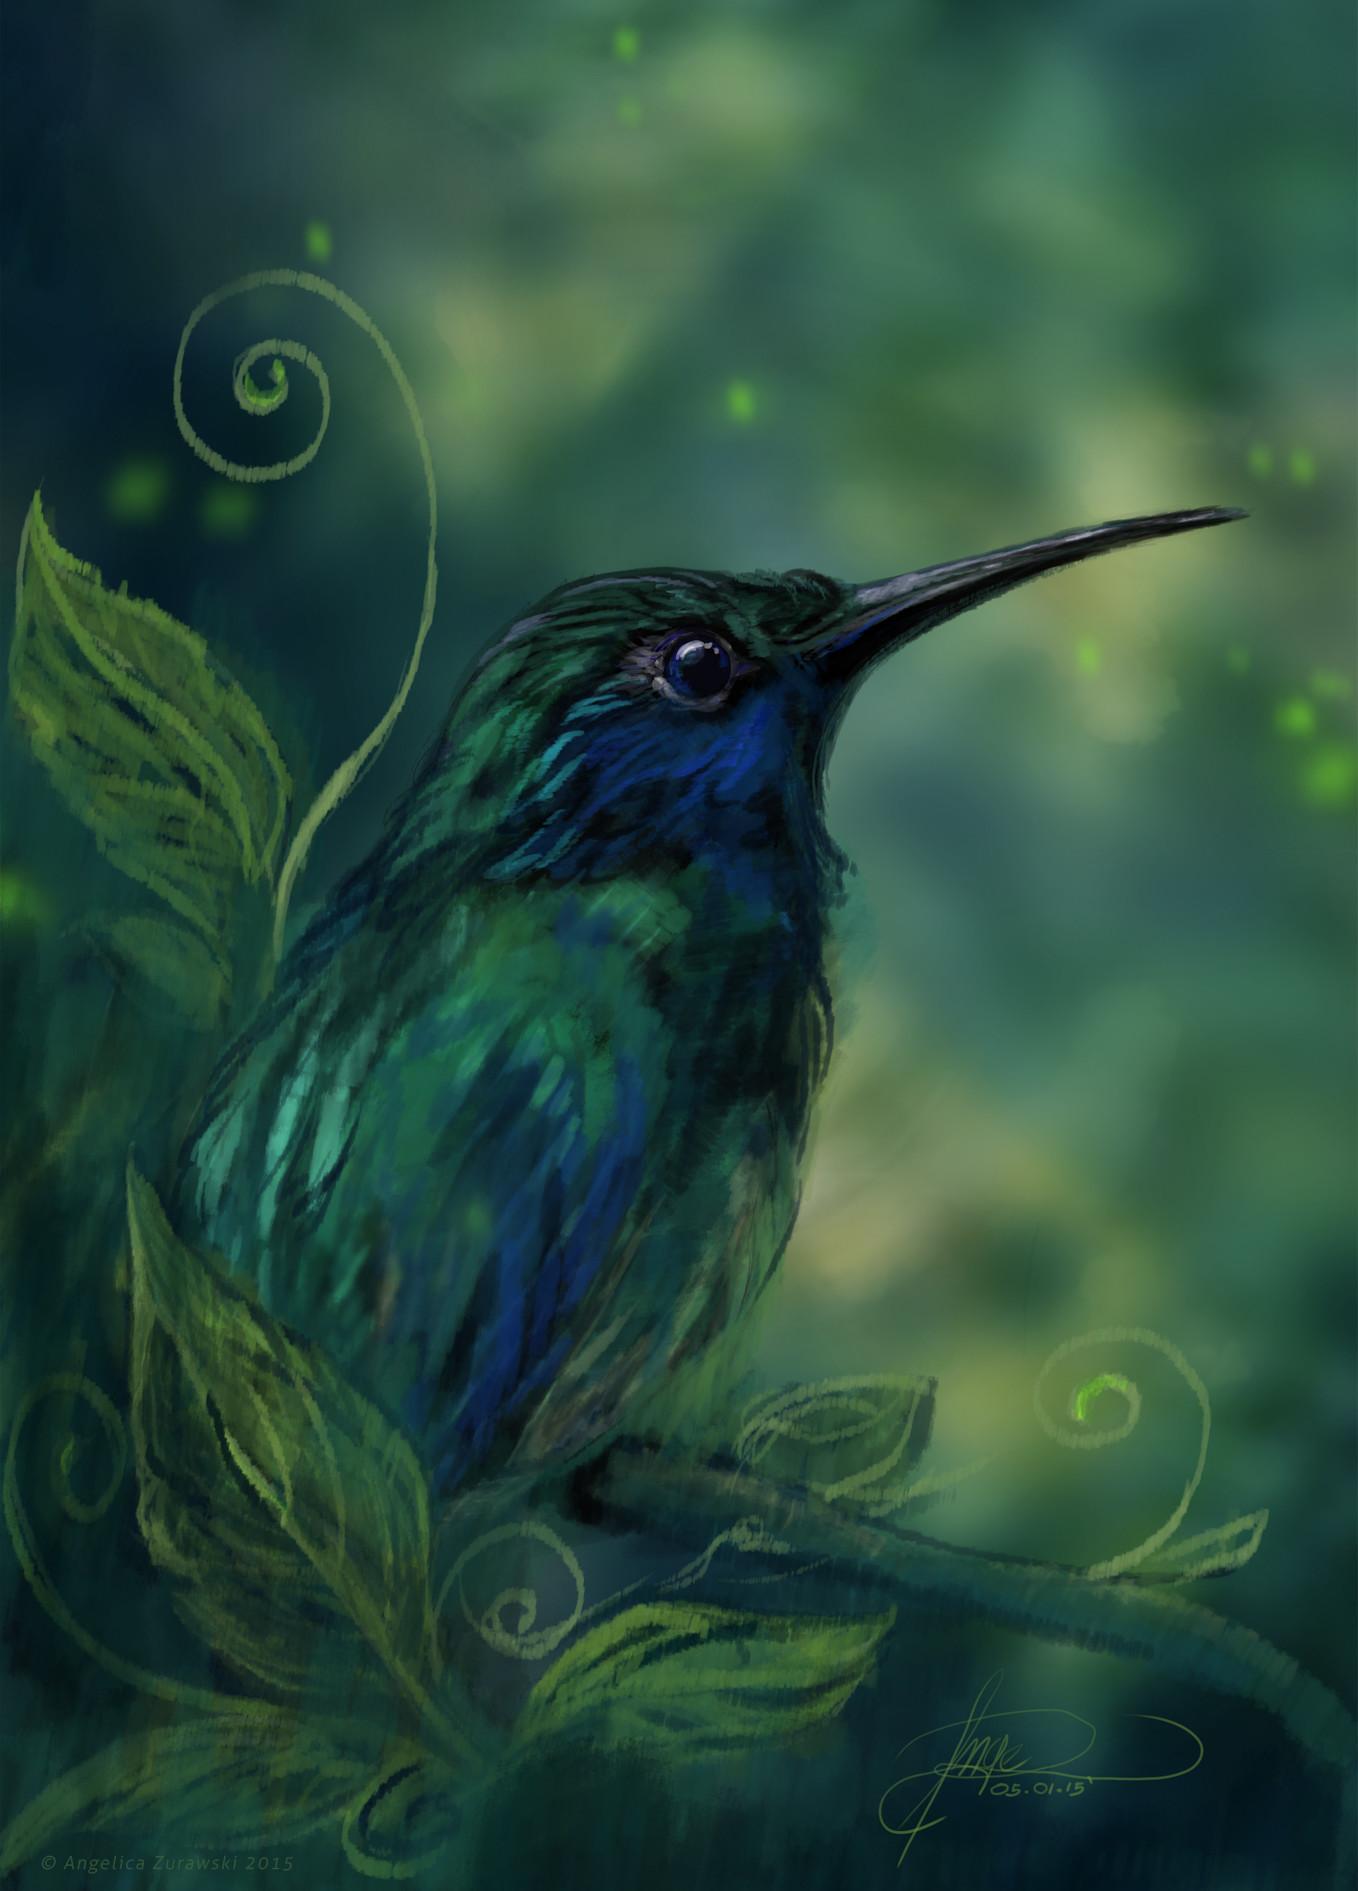 Angelica zurawski hummingbird by endzi z